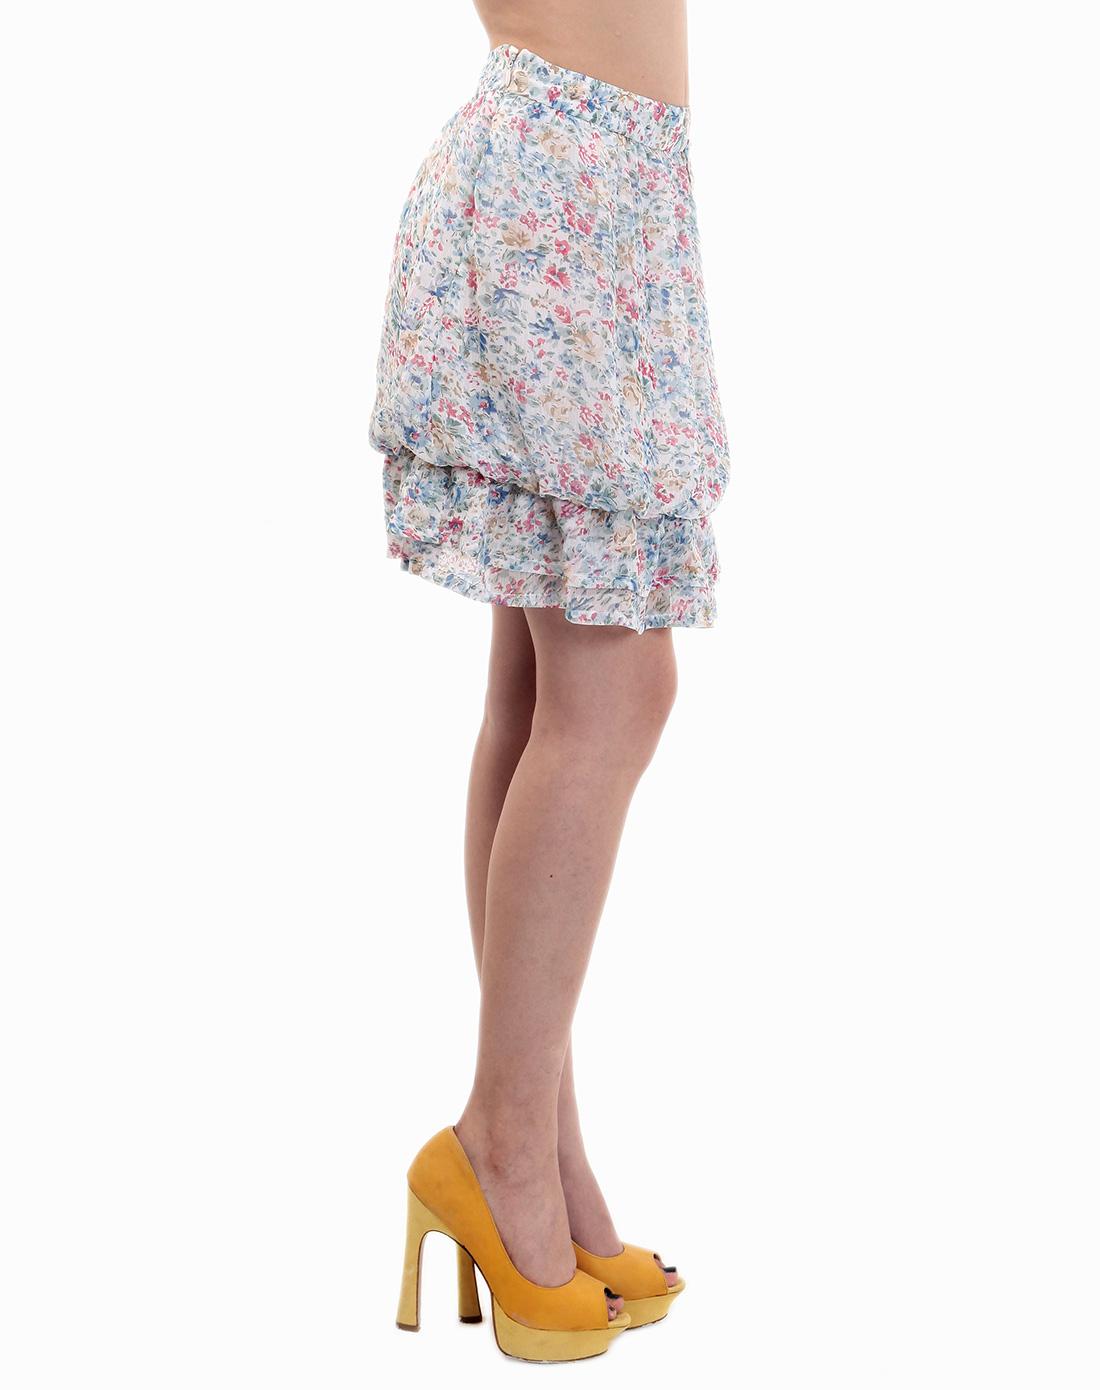 彩色灯笼摆短裙